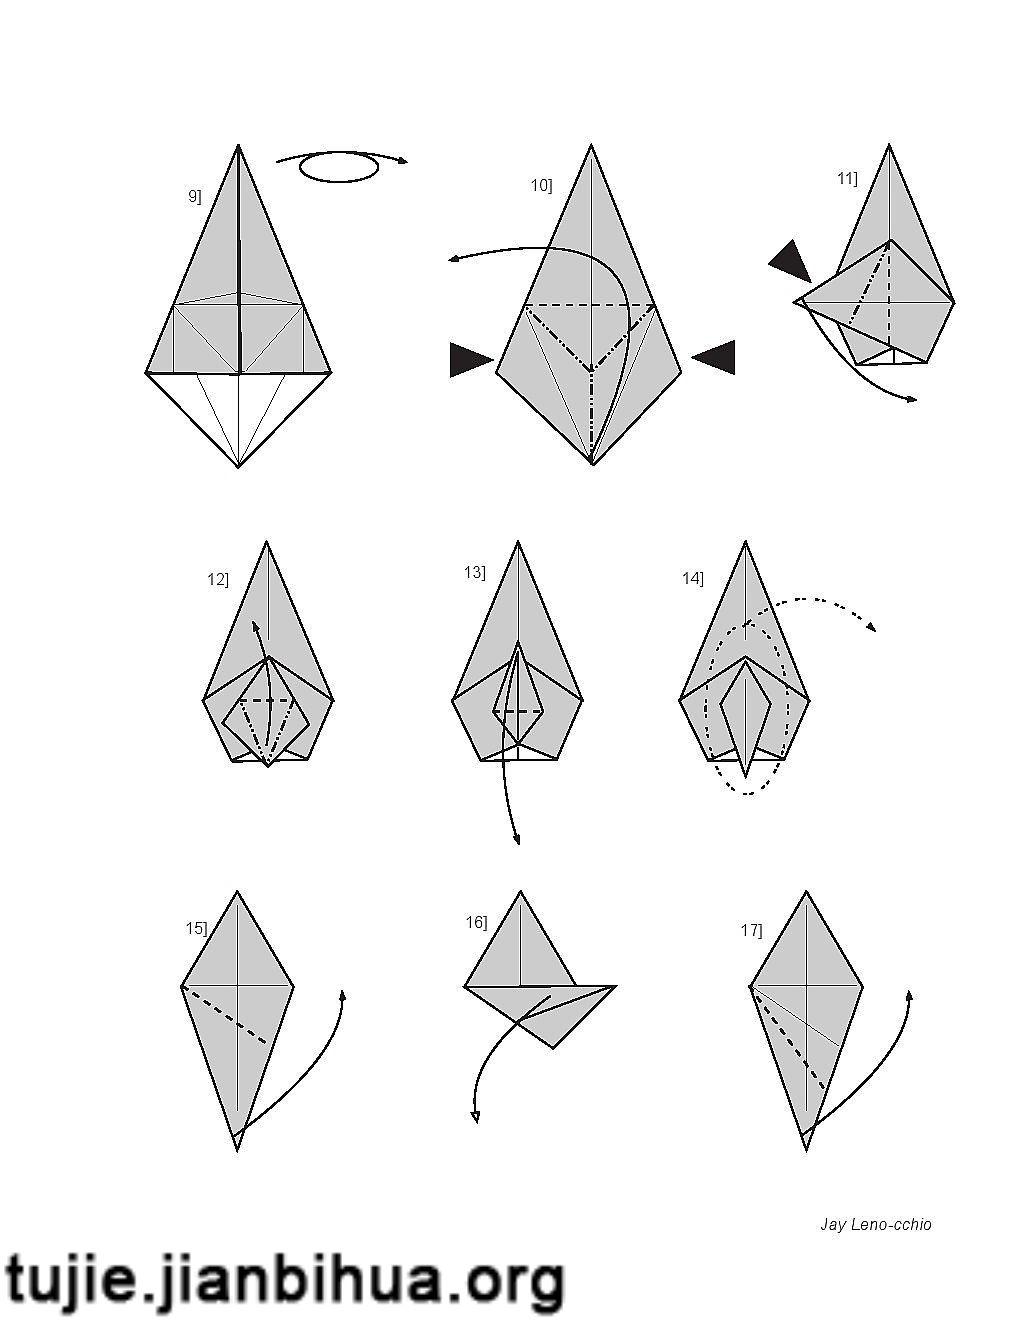 松鸭有的地方也叫山和尚。它分布在我国的南北各省。成鸟体长约320毫米。头部、背部及肩部均为红褐色;额、喉及下体羽色较上体略淡;腰部及尾基纯白色;尾羽中部略具灰色和黑色相间的横斑;翅羽栗黑色并有艳蓝色斑块。松鸭大部分时间都在山林里活动。 松鸭的折纸教程图解